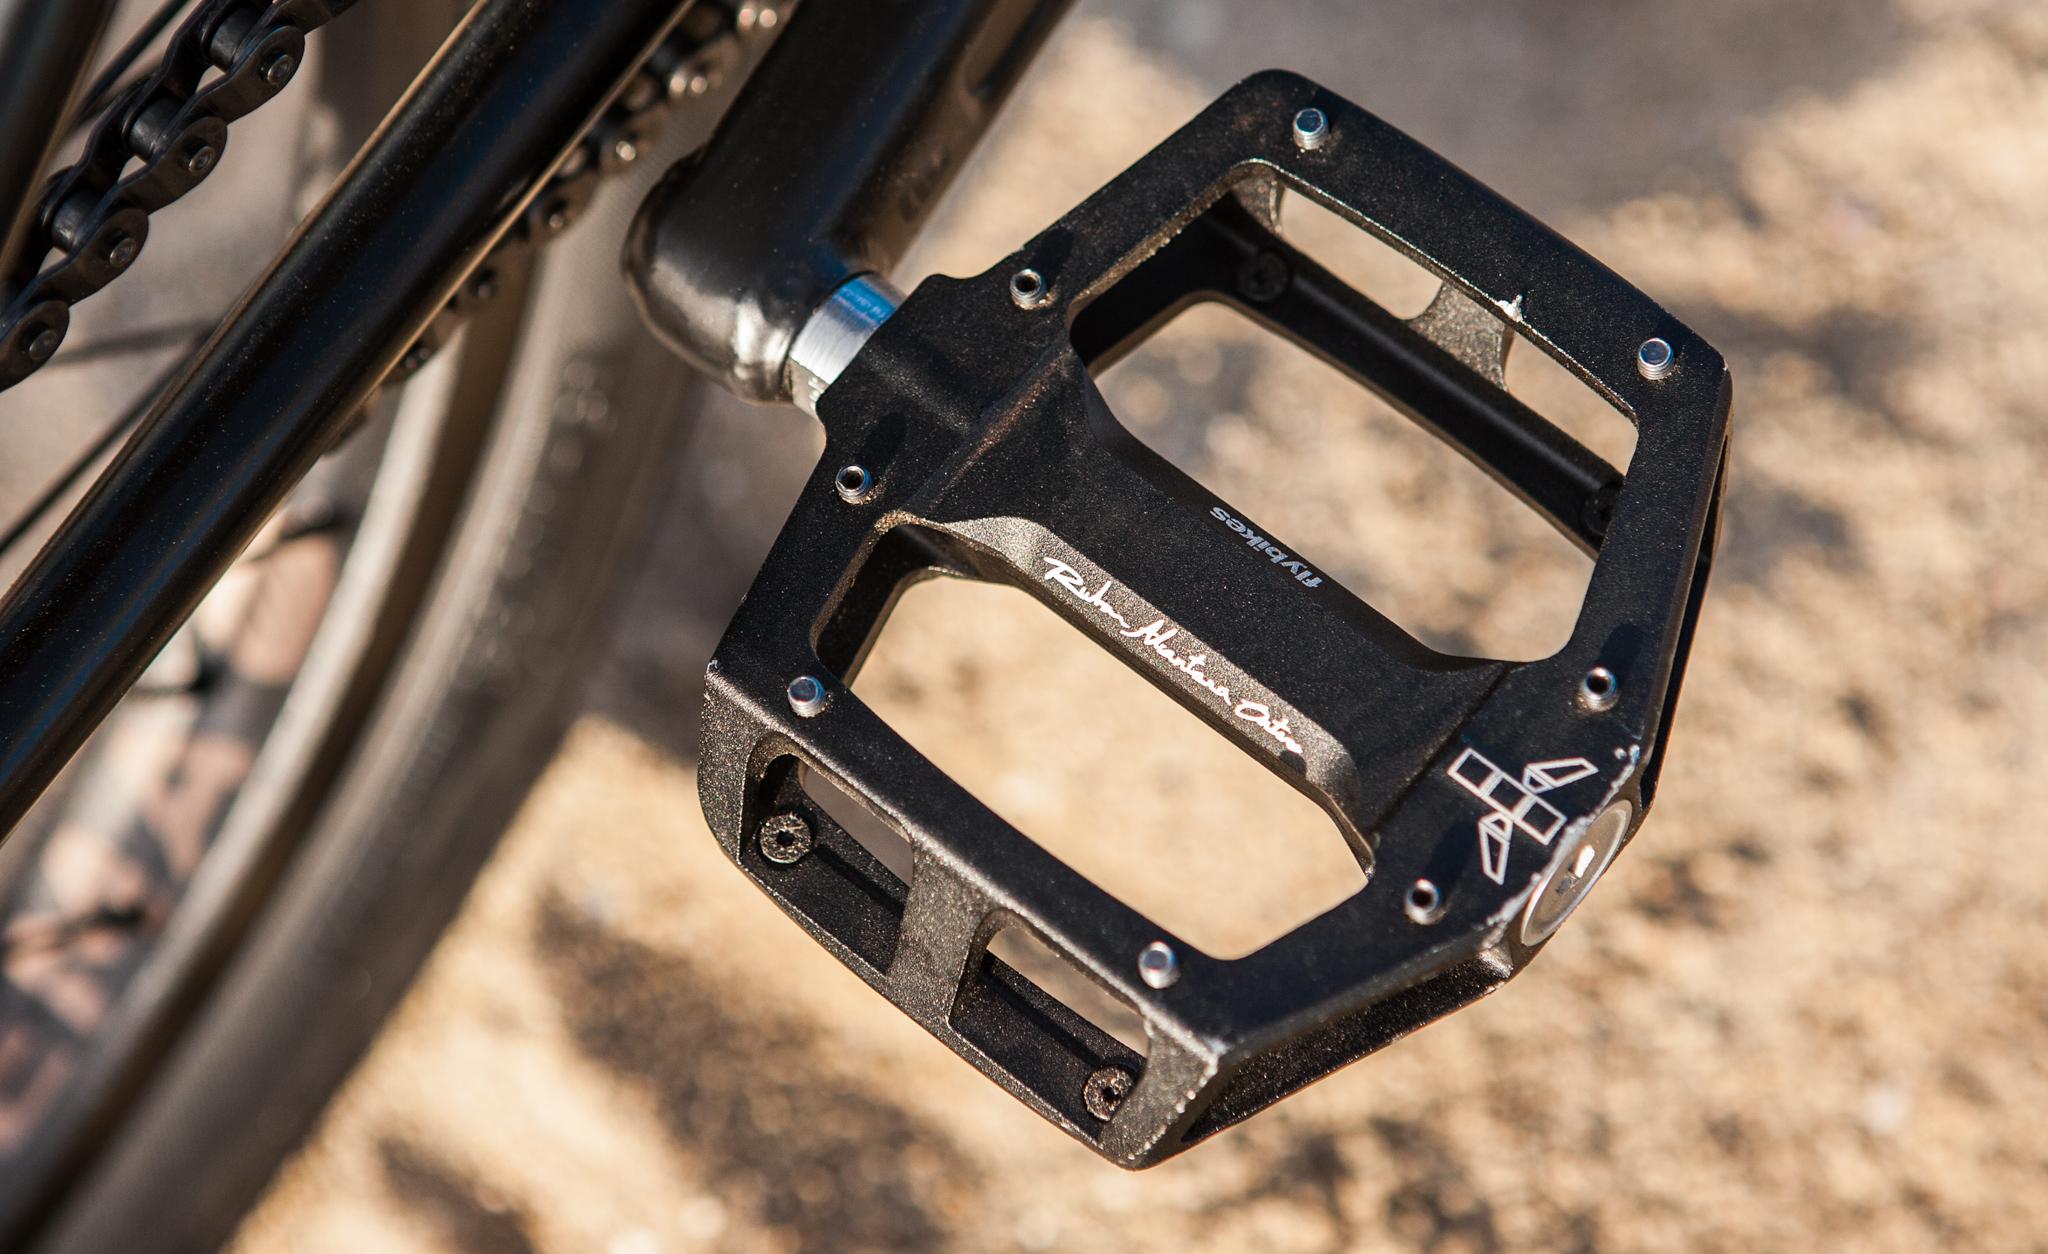 Fly Bikes Ruben pedals